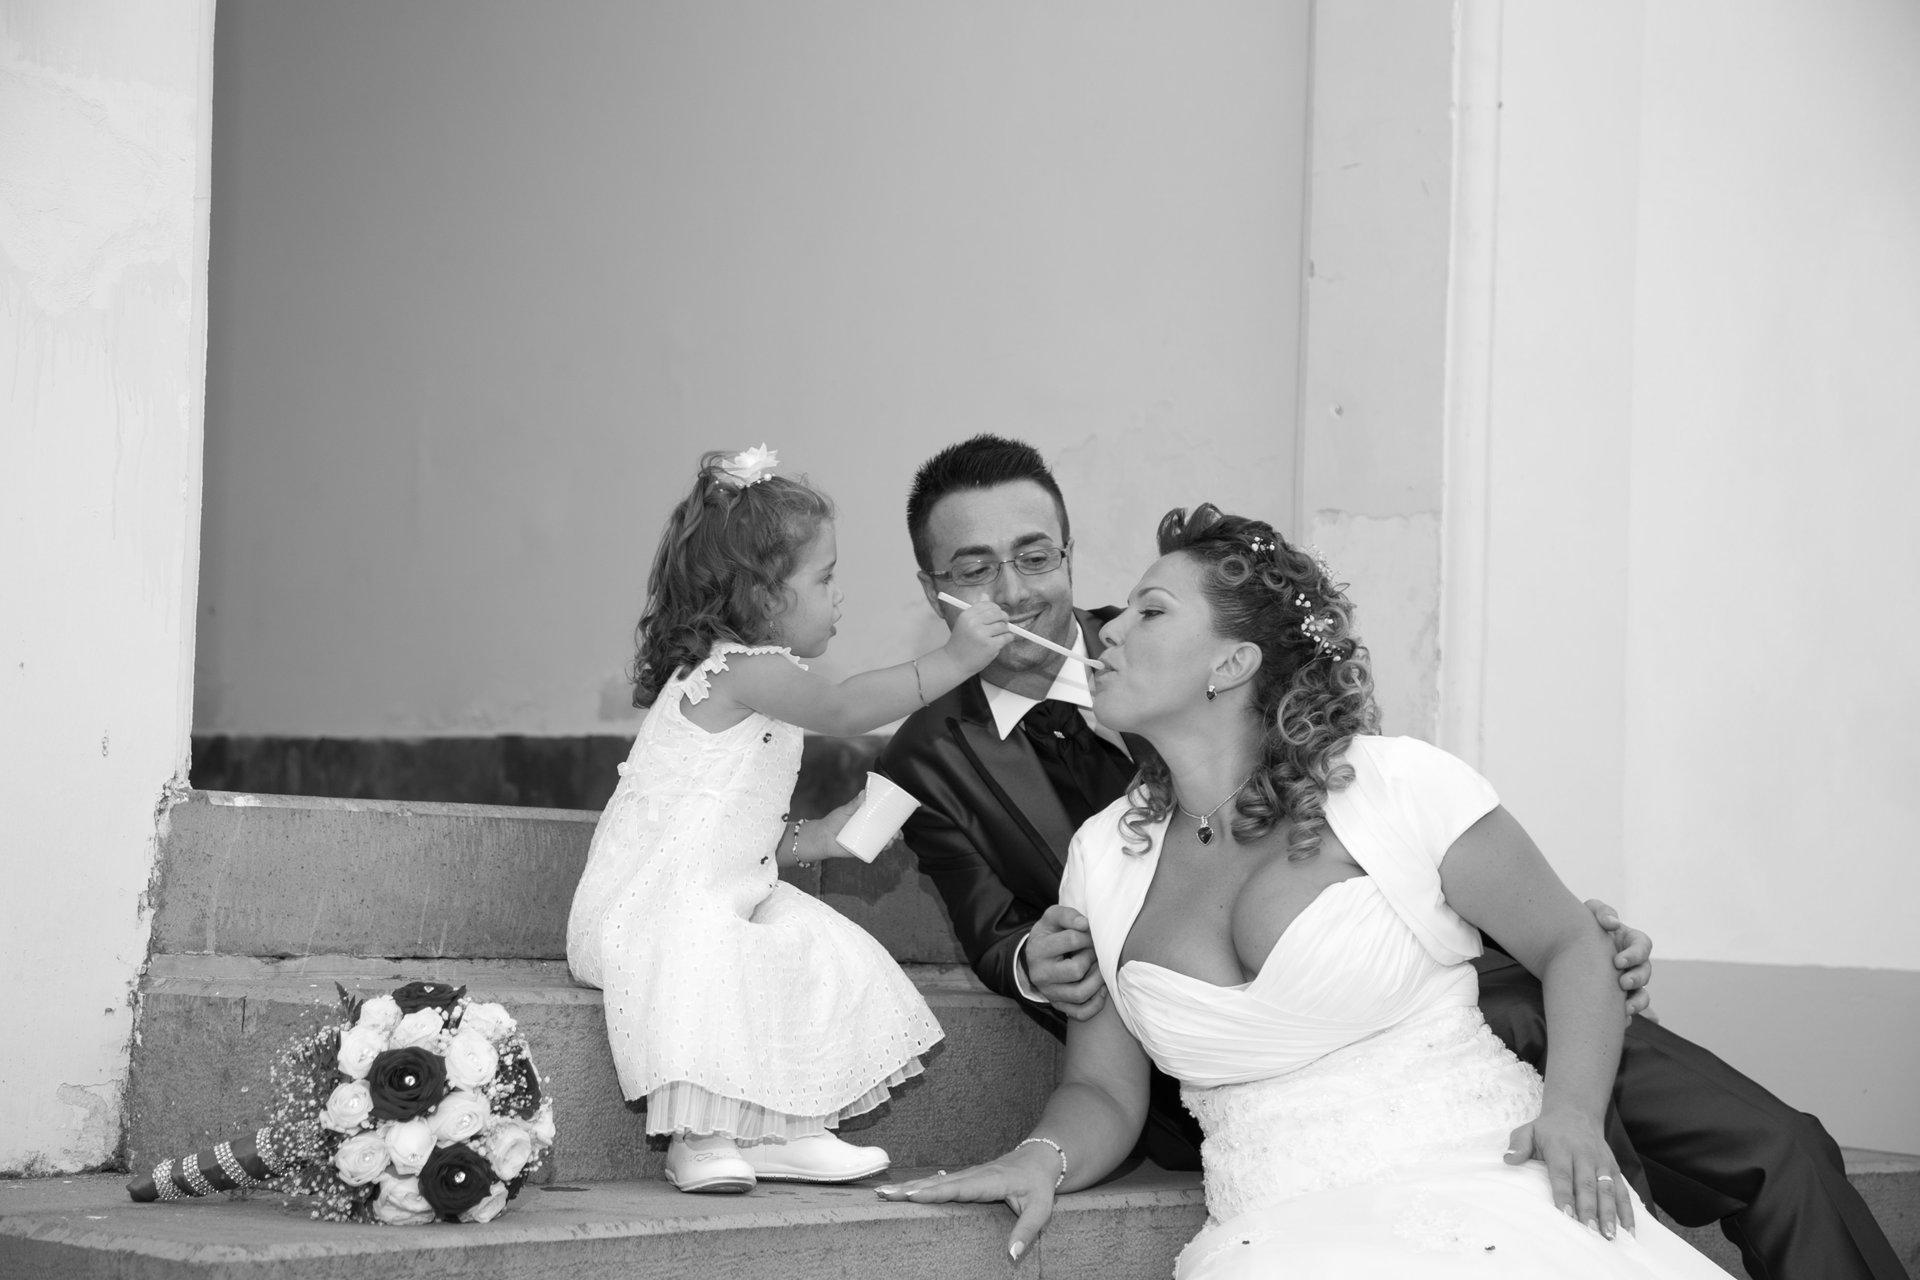 coppia di sposi con bambina